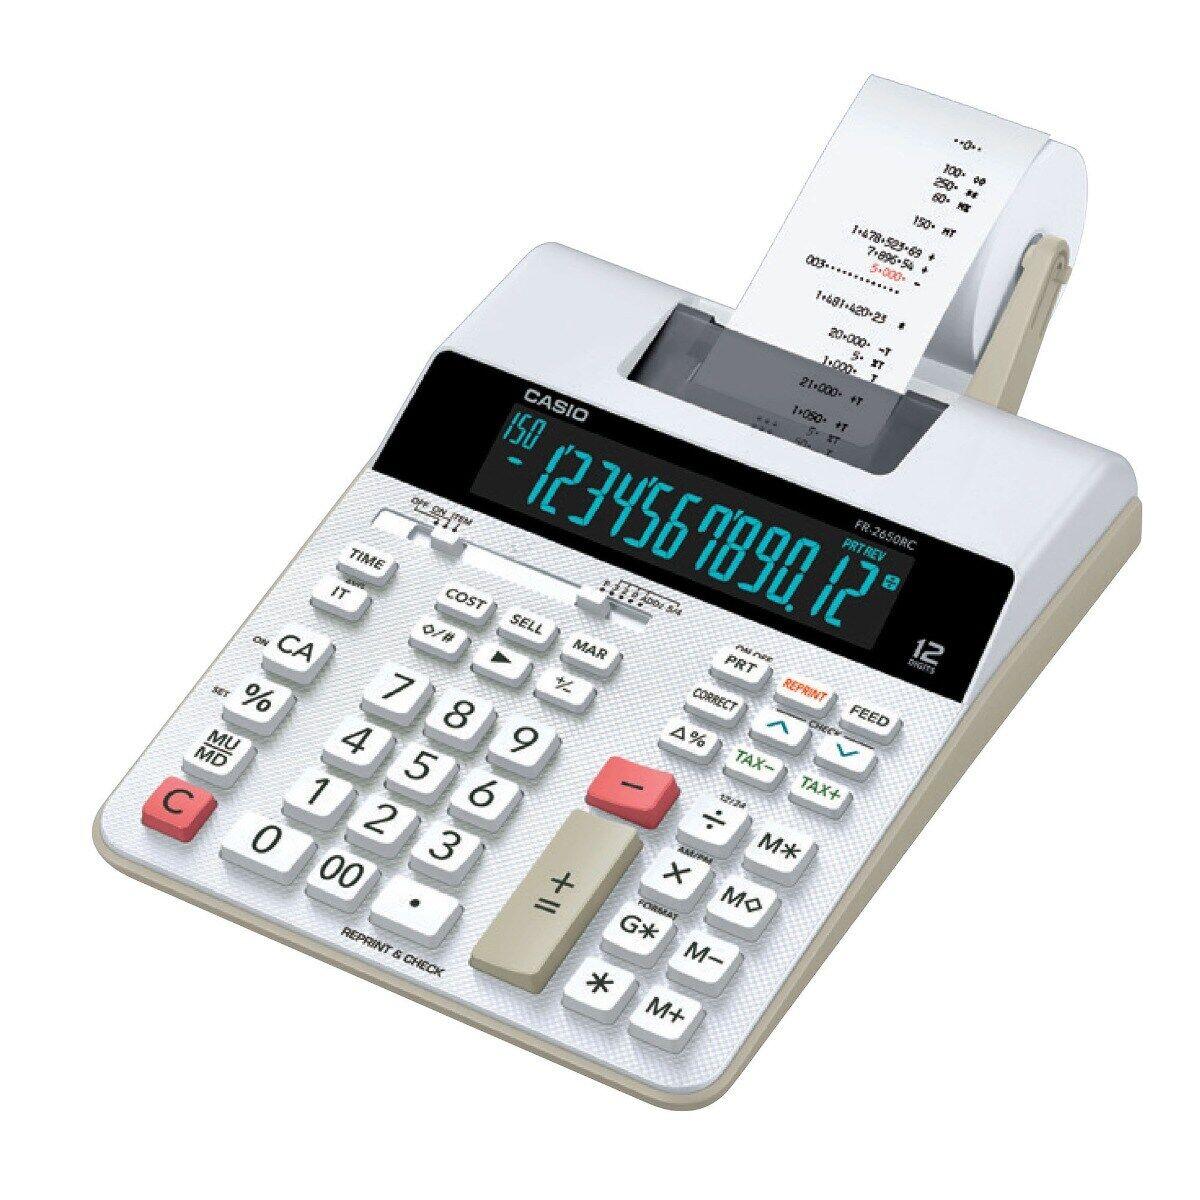 จัดอันดับสินค้า เครื่องคิดเลขพิมพ์กระดาษ เก็บเงินปลายทาง ที่สุดแห่งปี 2564 คุณภาพดี ส่งเก็บเงินปลายทาง